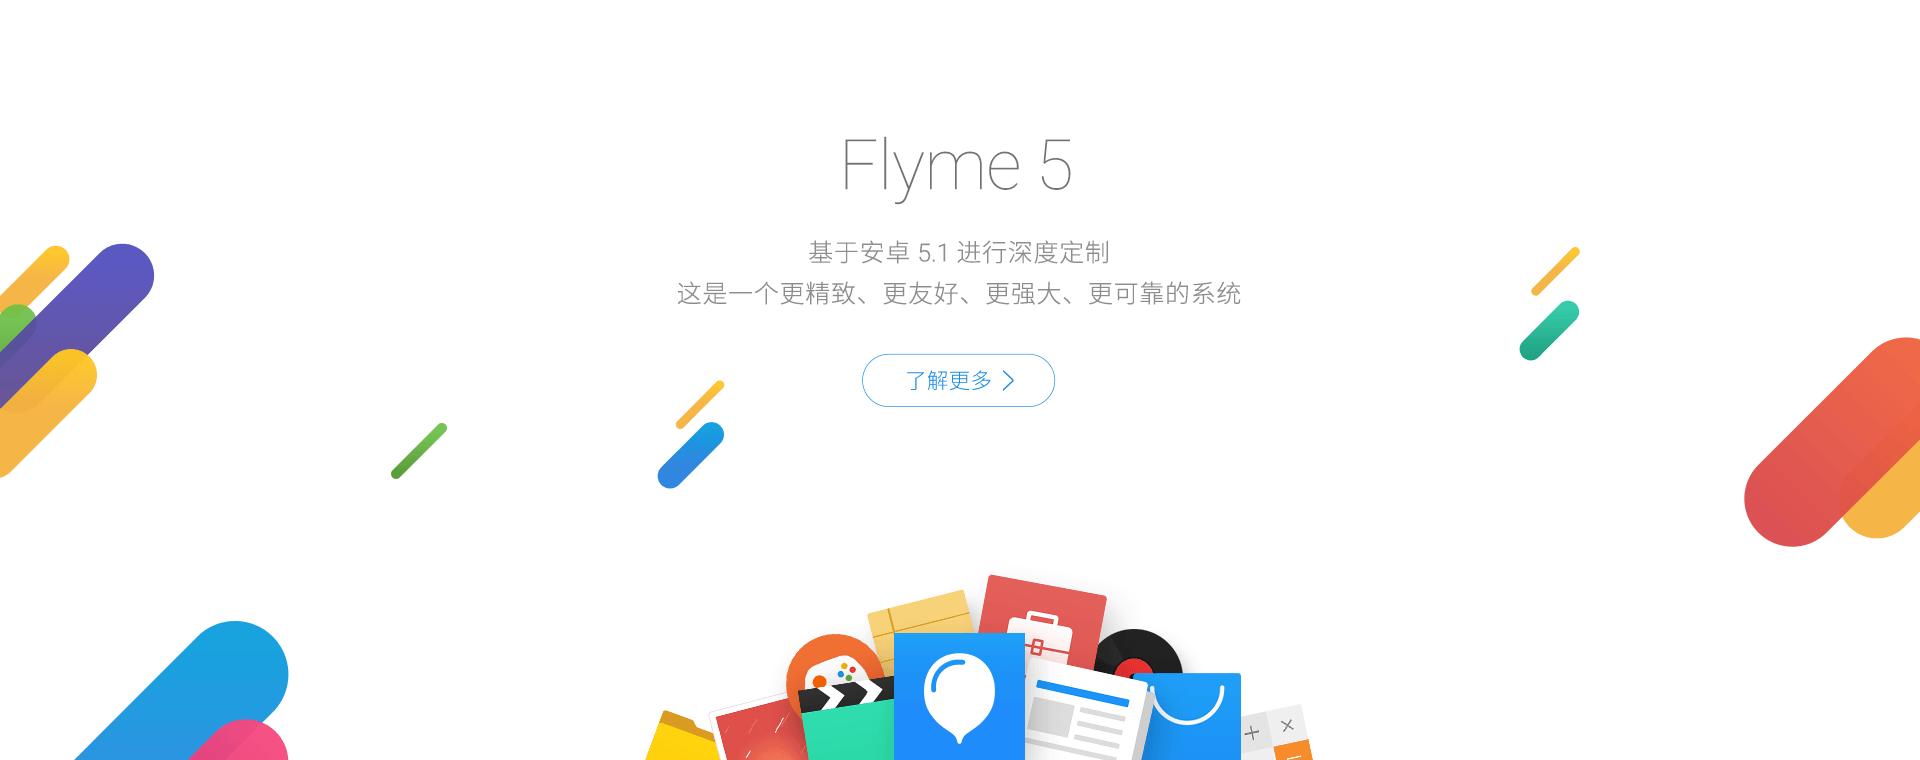 明日リリースされる、Meizu m2 note・Meizu m2 miniのFlyme OS 5の注意点